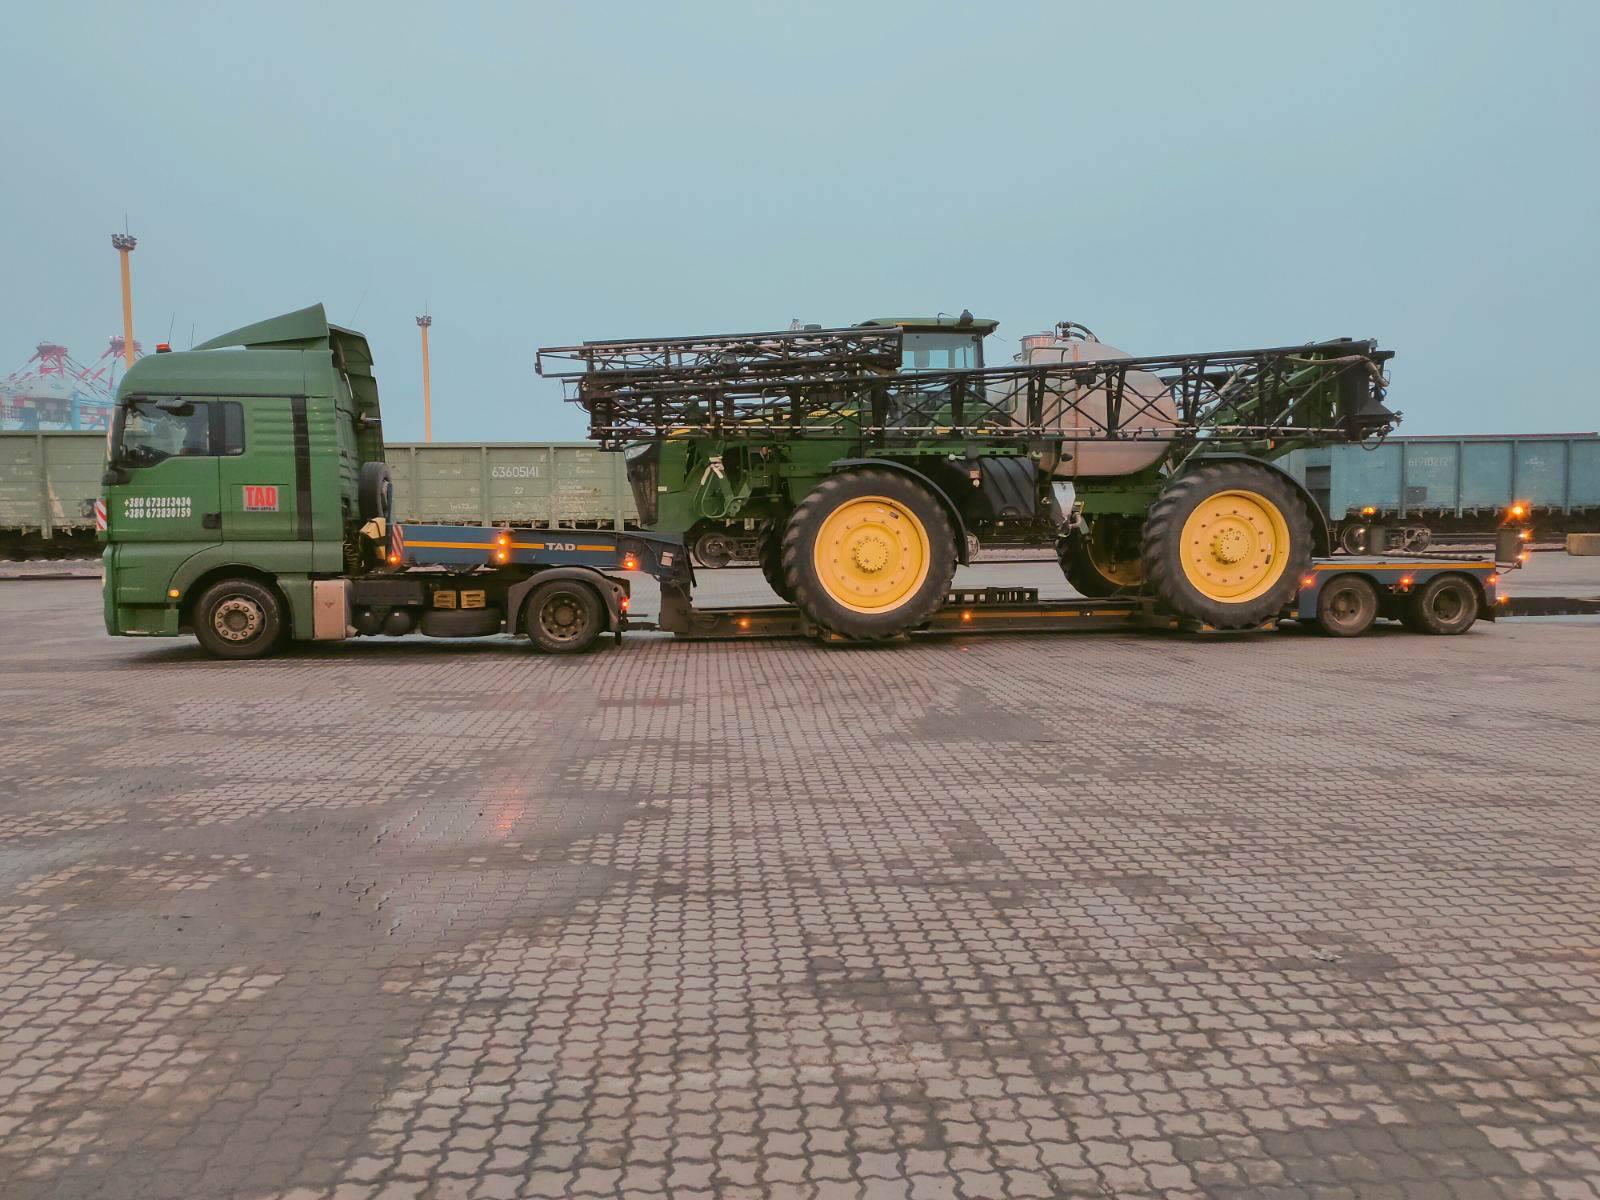 Transportation of the #JohnDeere4940 sprayer across Ukraine -2